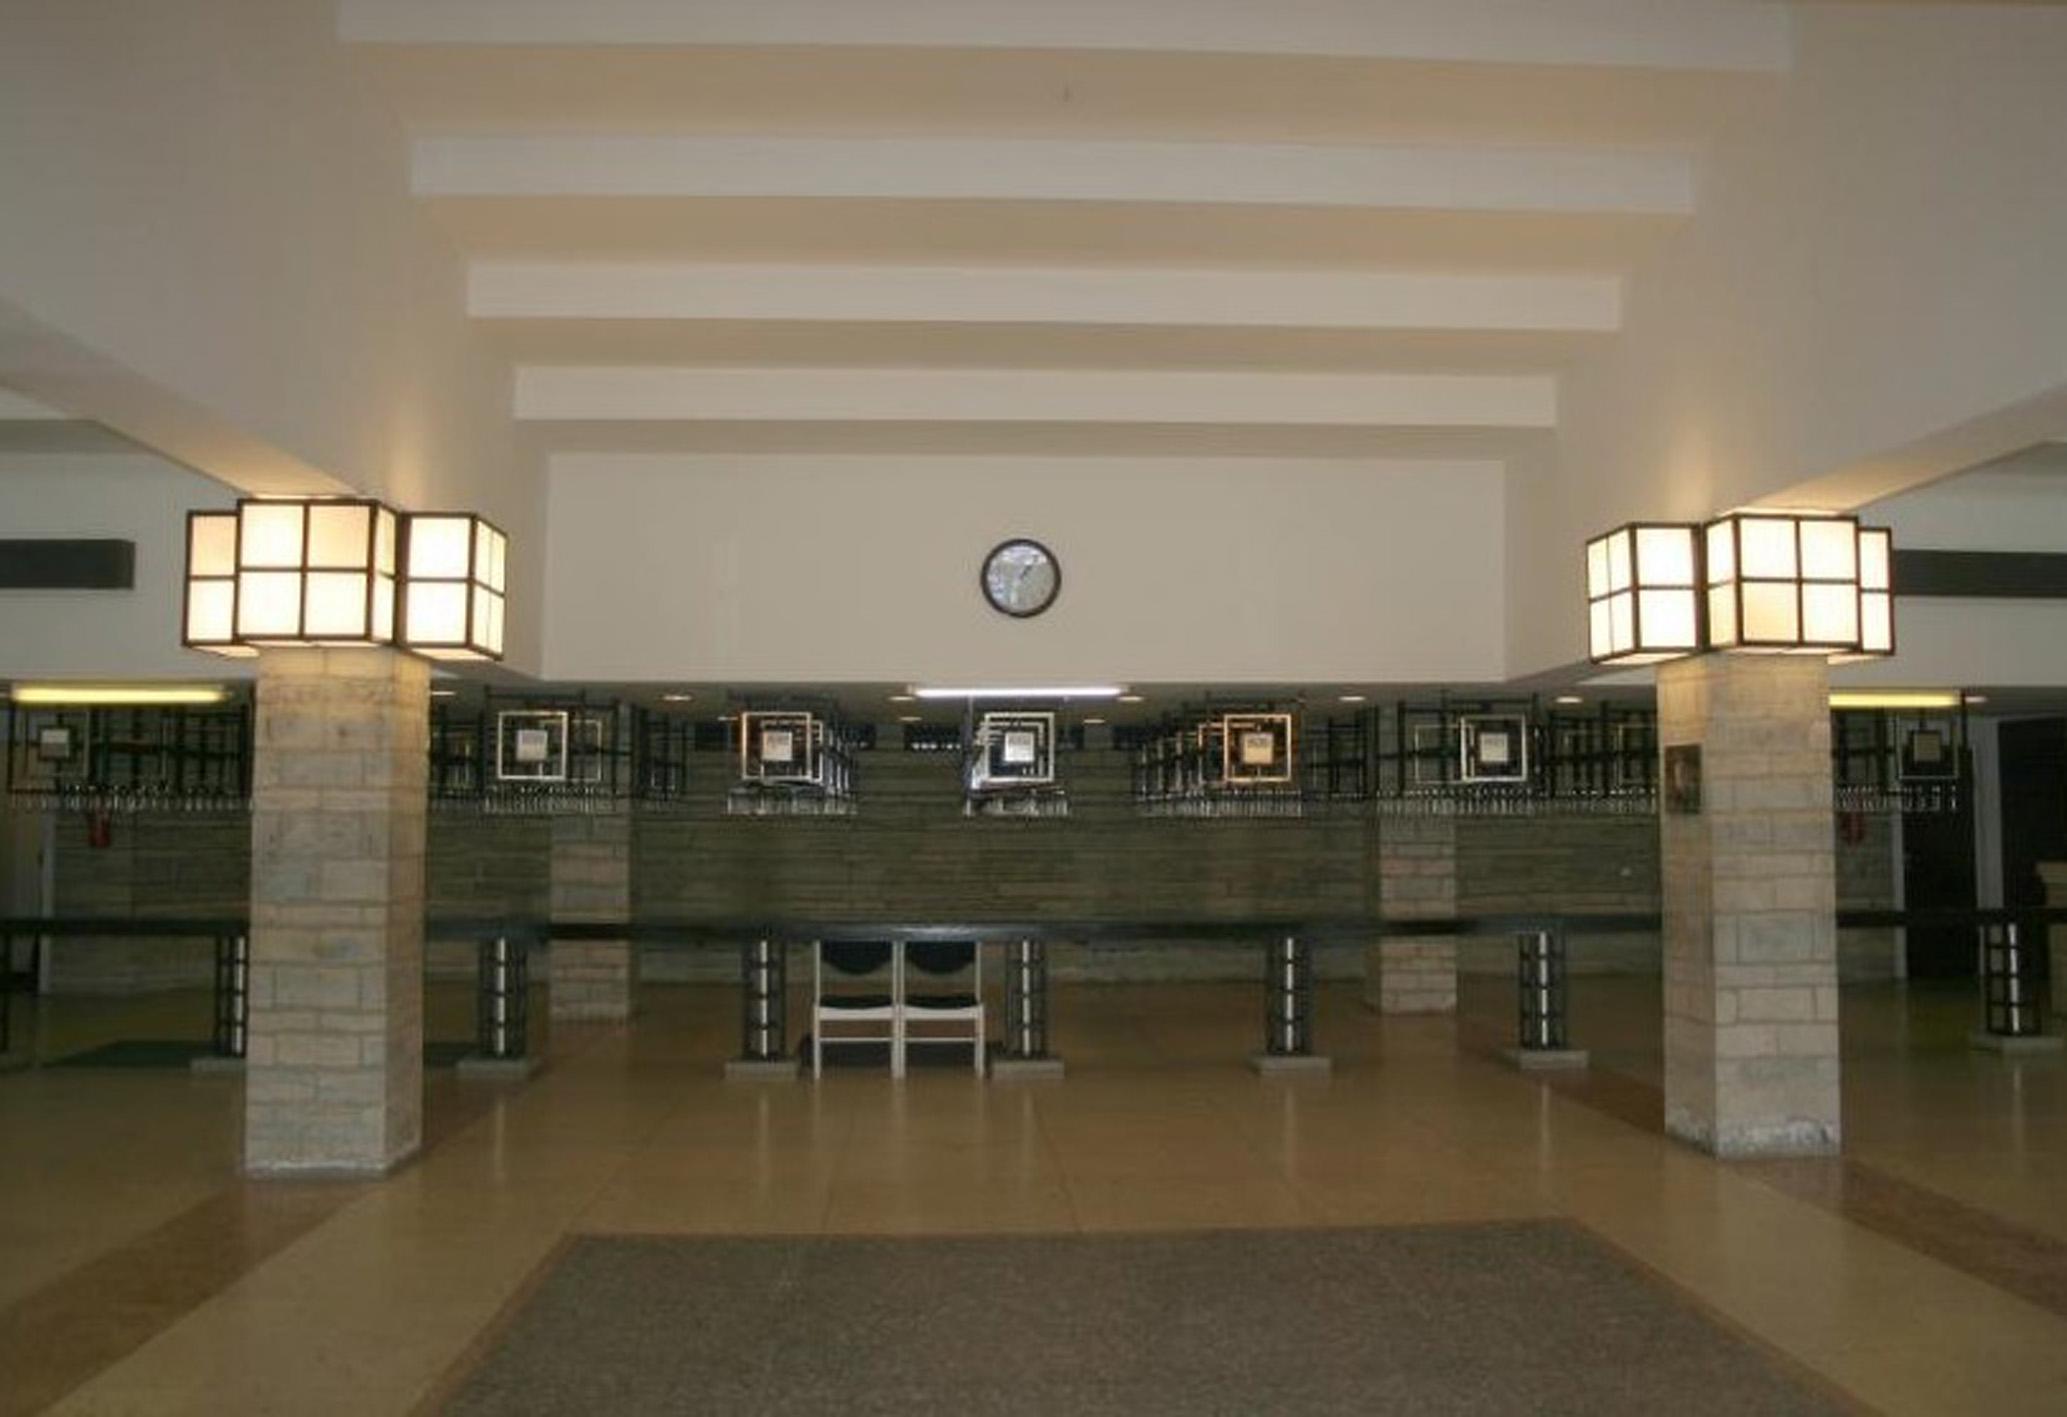 Paide kultuurikeskuse algsel kujul hästi säilinud interjöör. Foto: Muinsuskaitse register